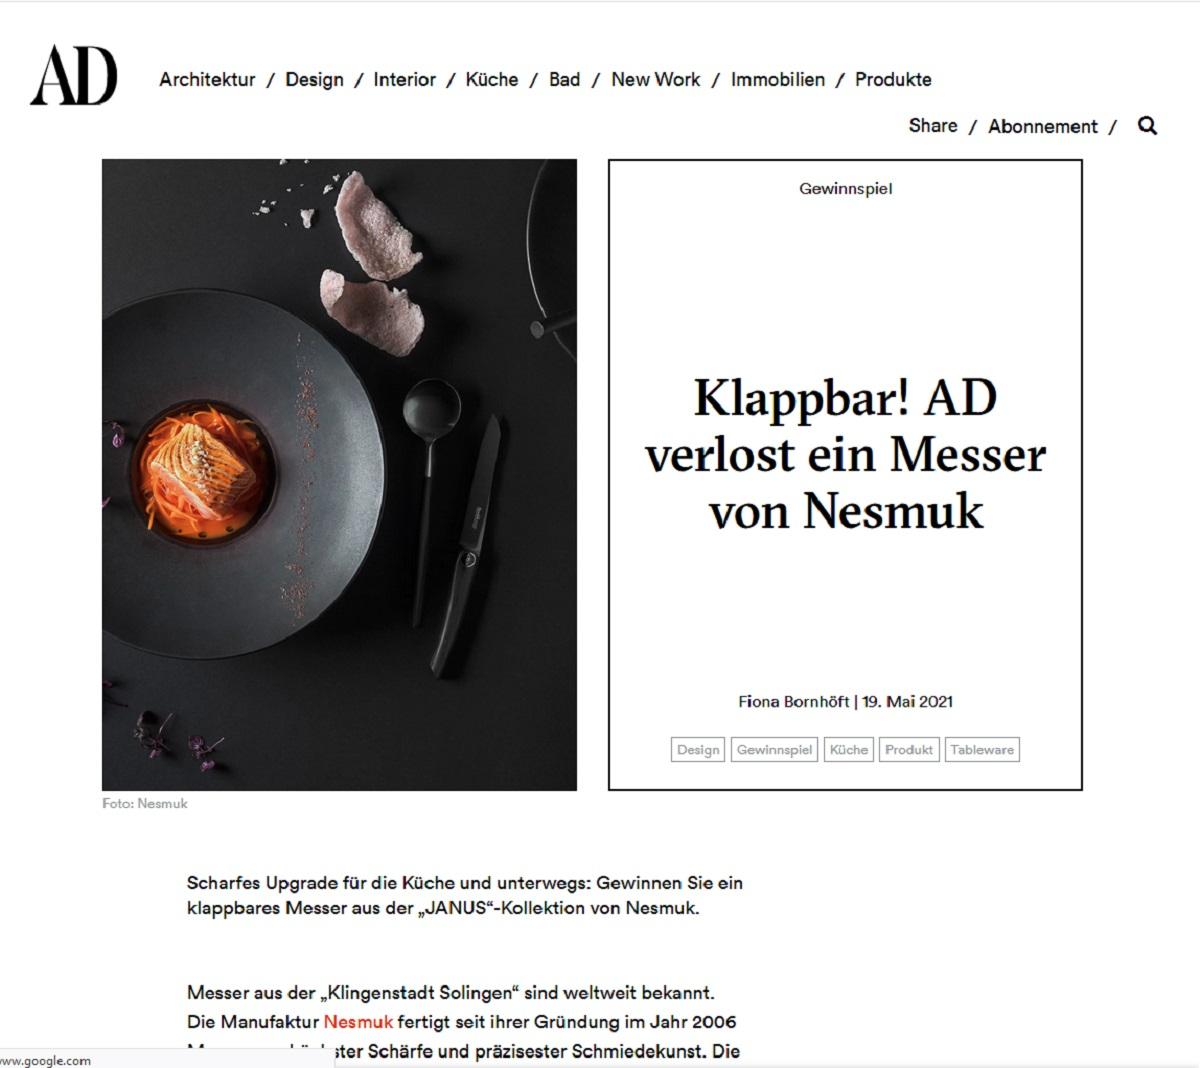 Gewinne ein Nesmuk Messer AD-Magazin Gewinnspiel